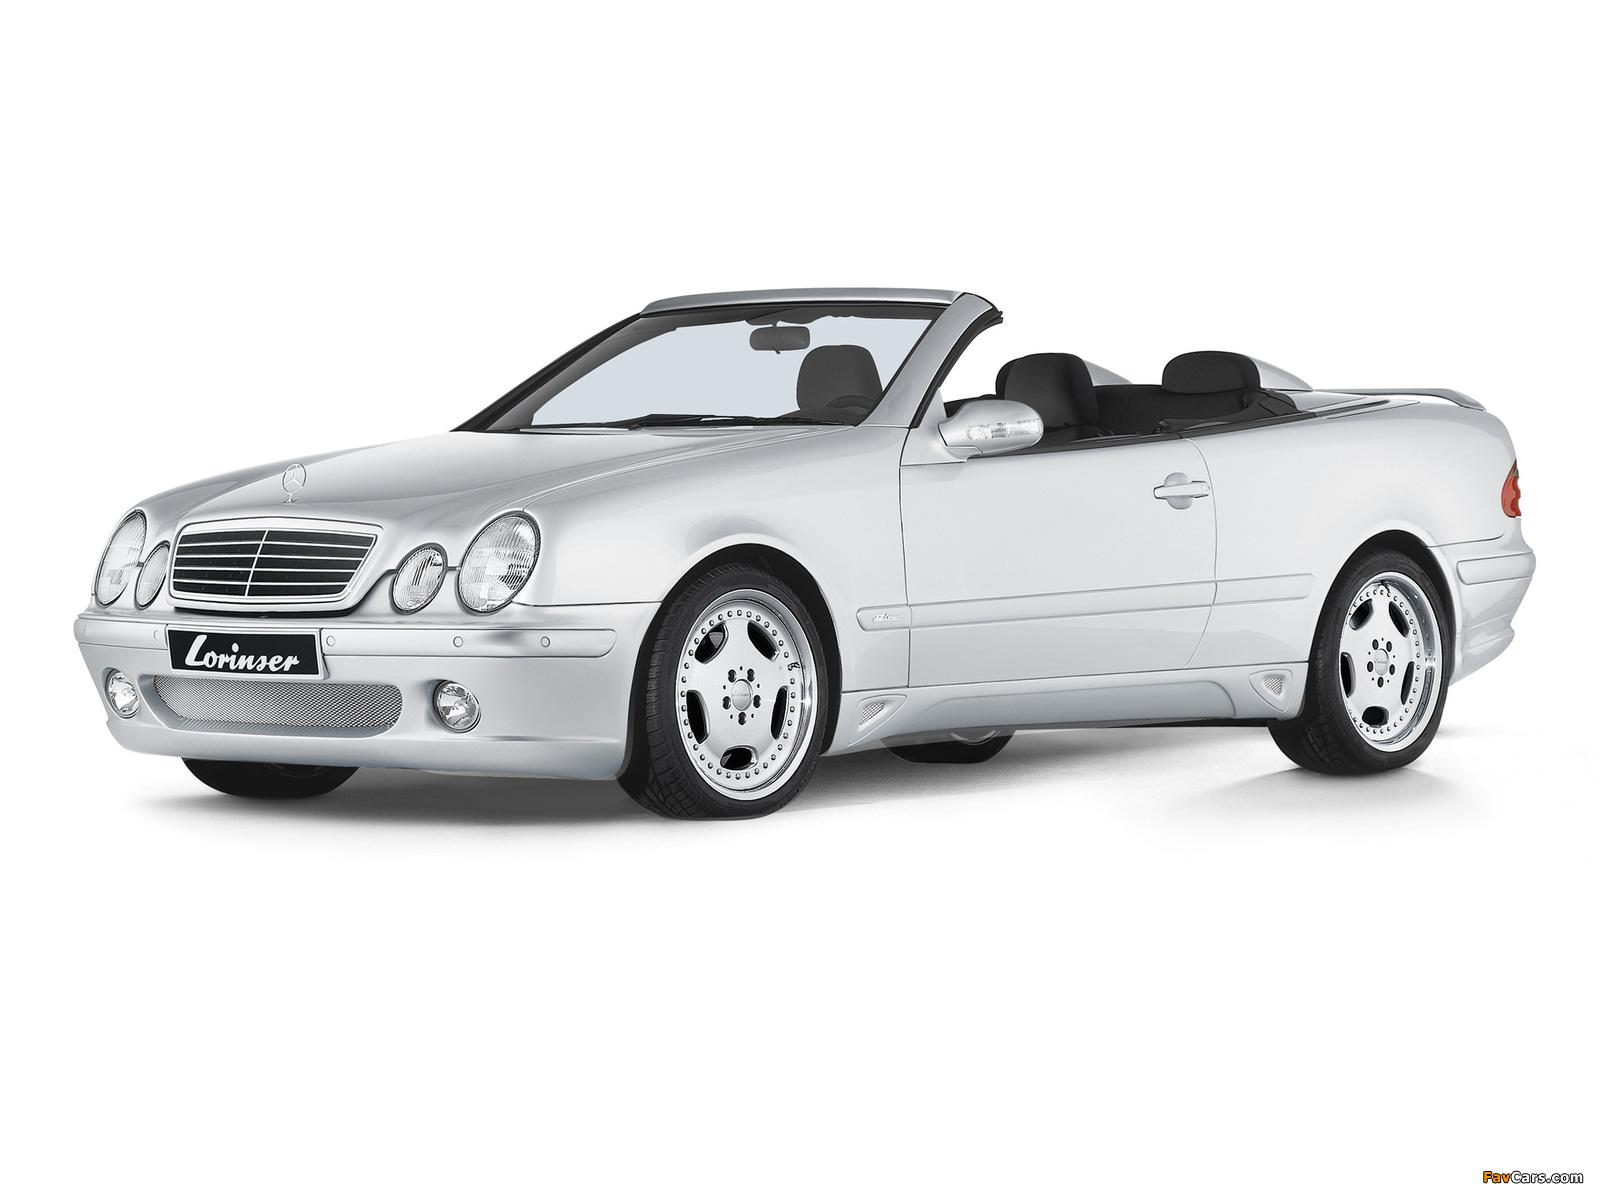 Lorinser Mercedes-Benz CLK-Klasse Cabrio (A208) 1998–2002 photos (1600 x 1200)